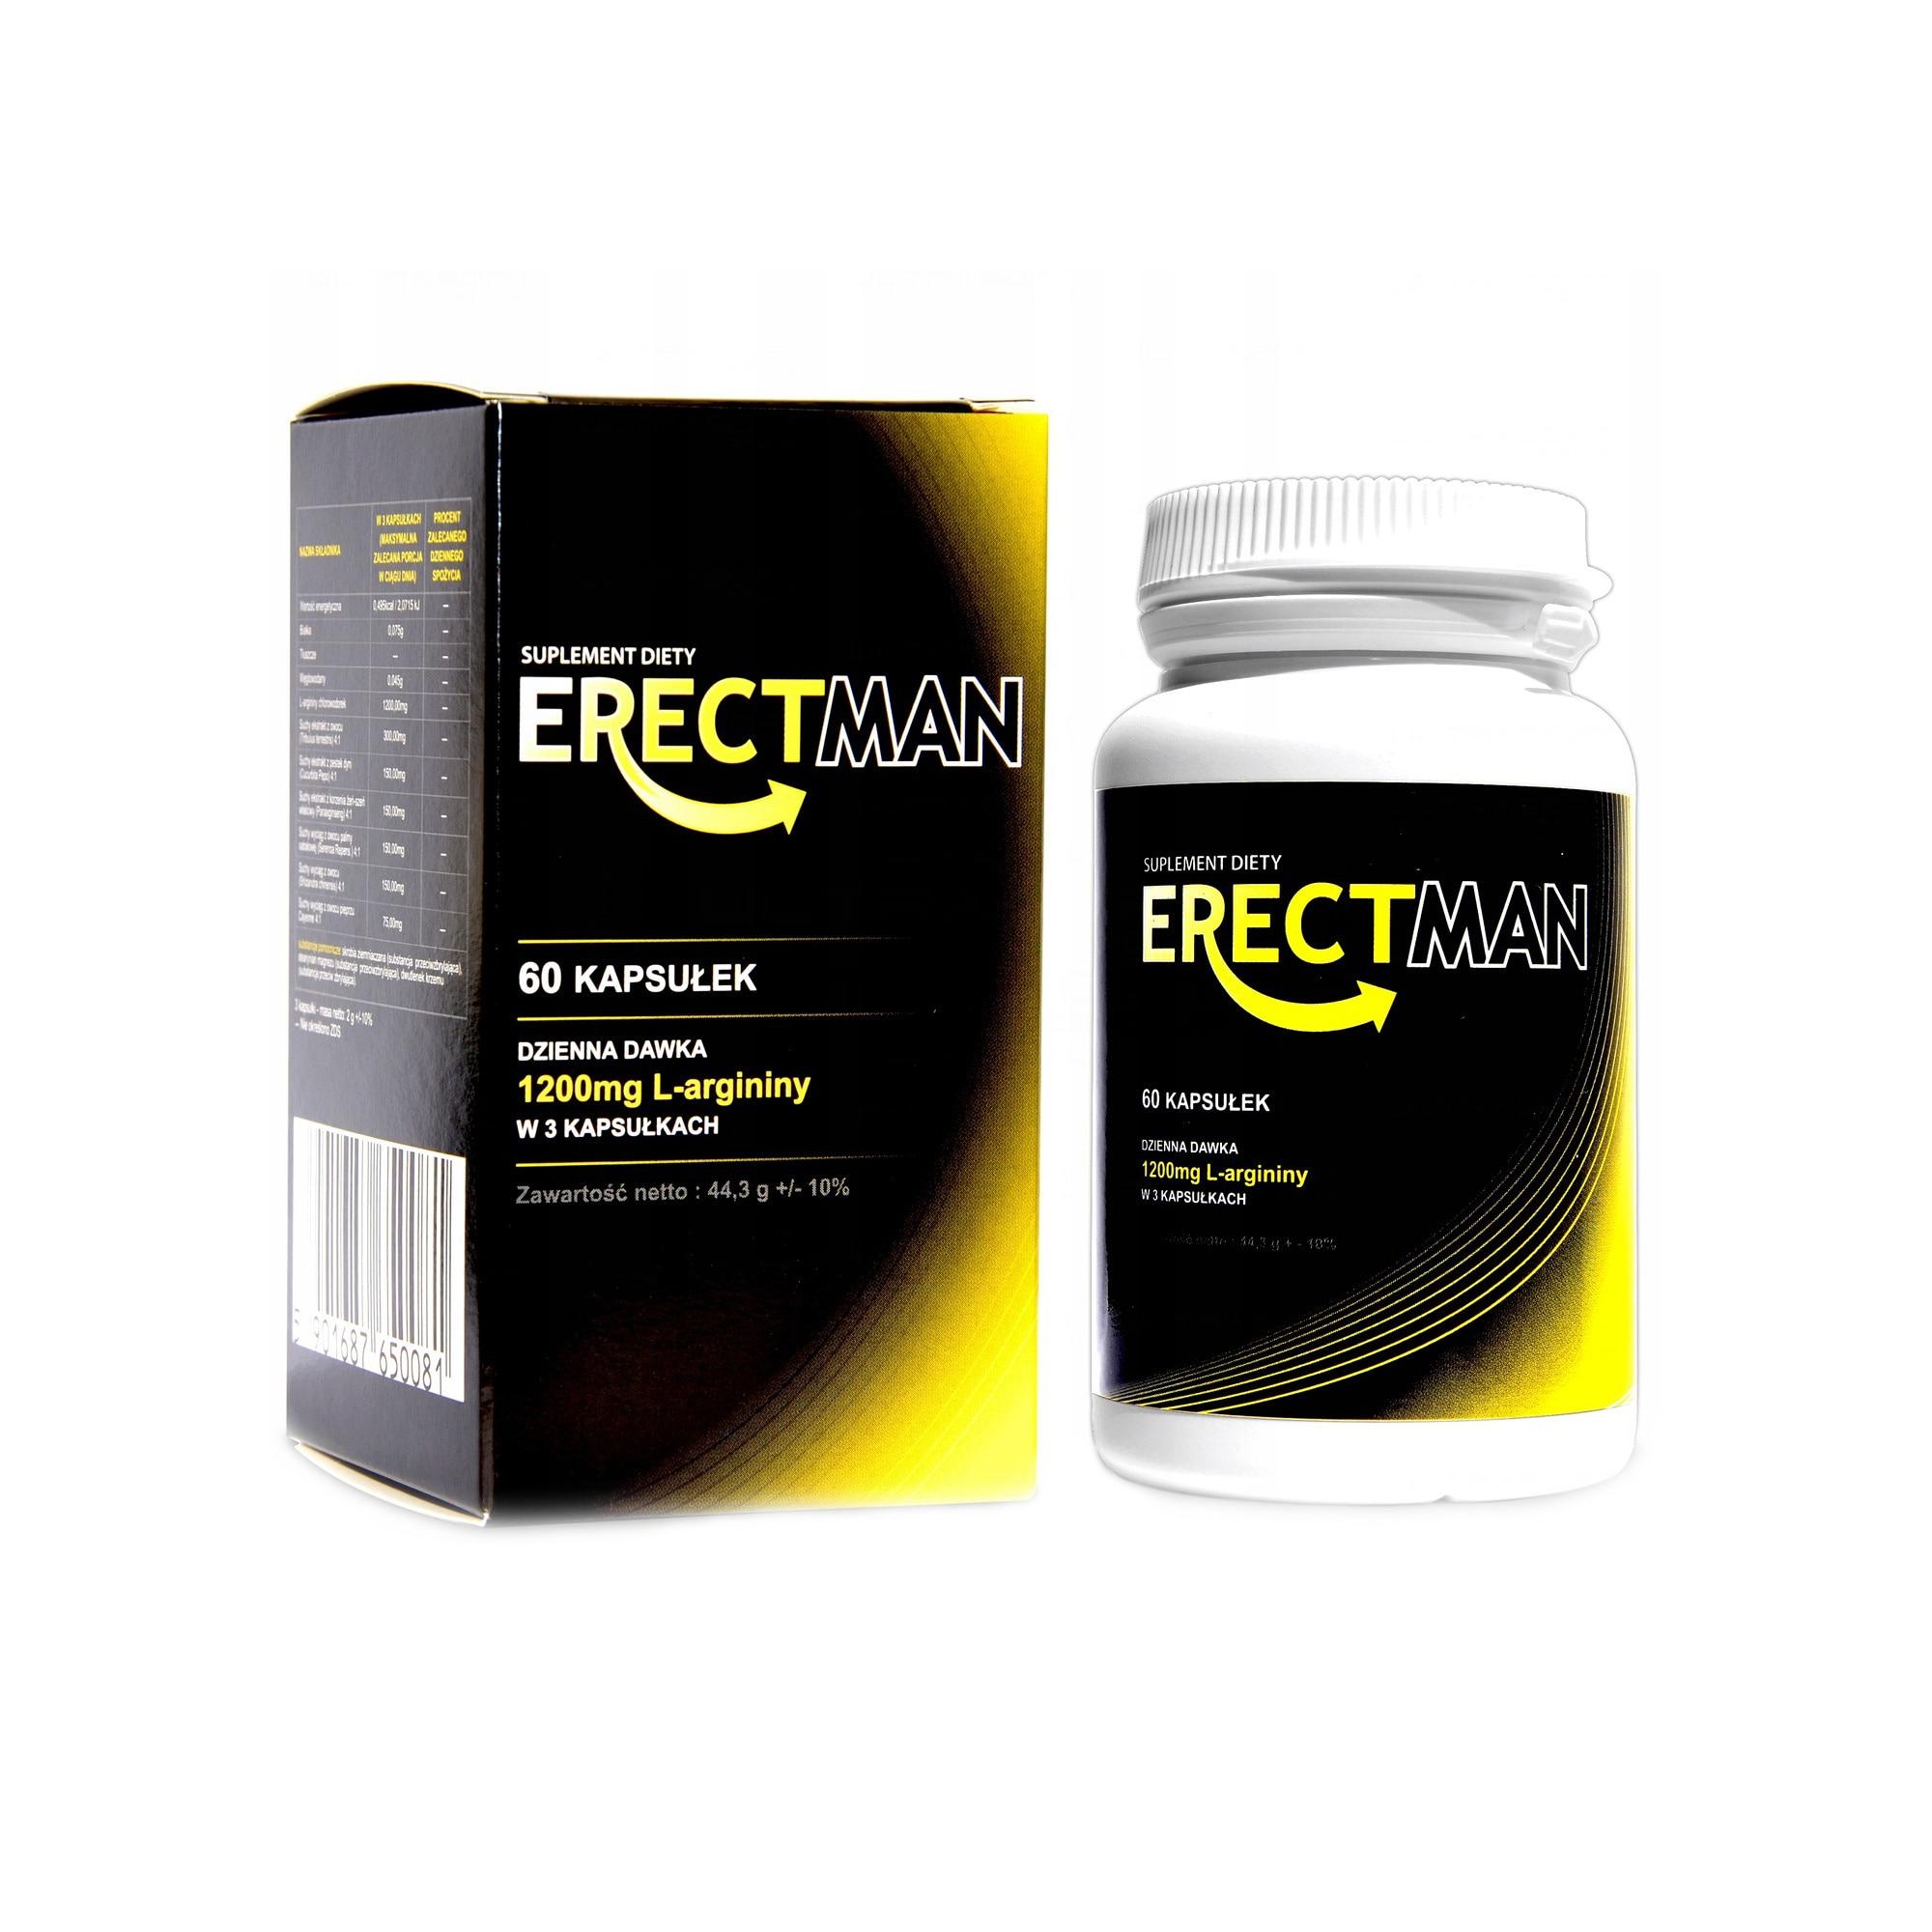 medicamente farmaceutice pentru a îmbunătăți erecția)